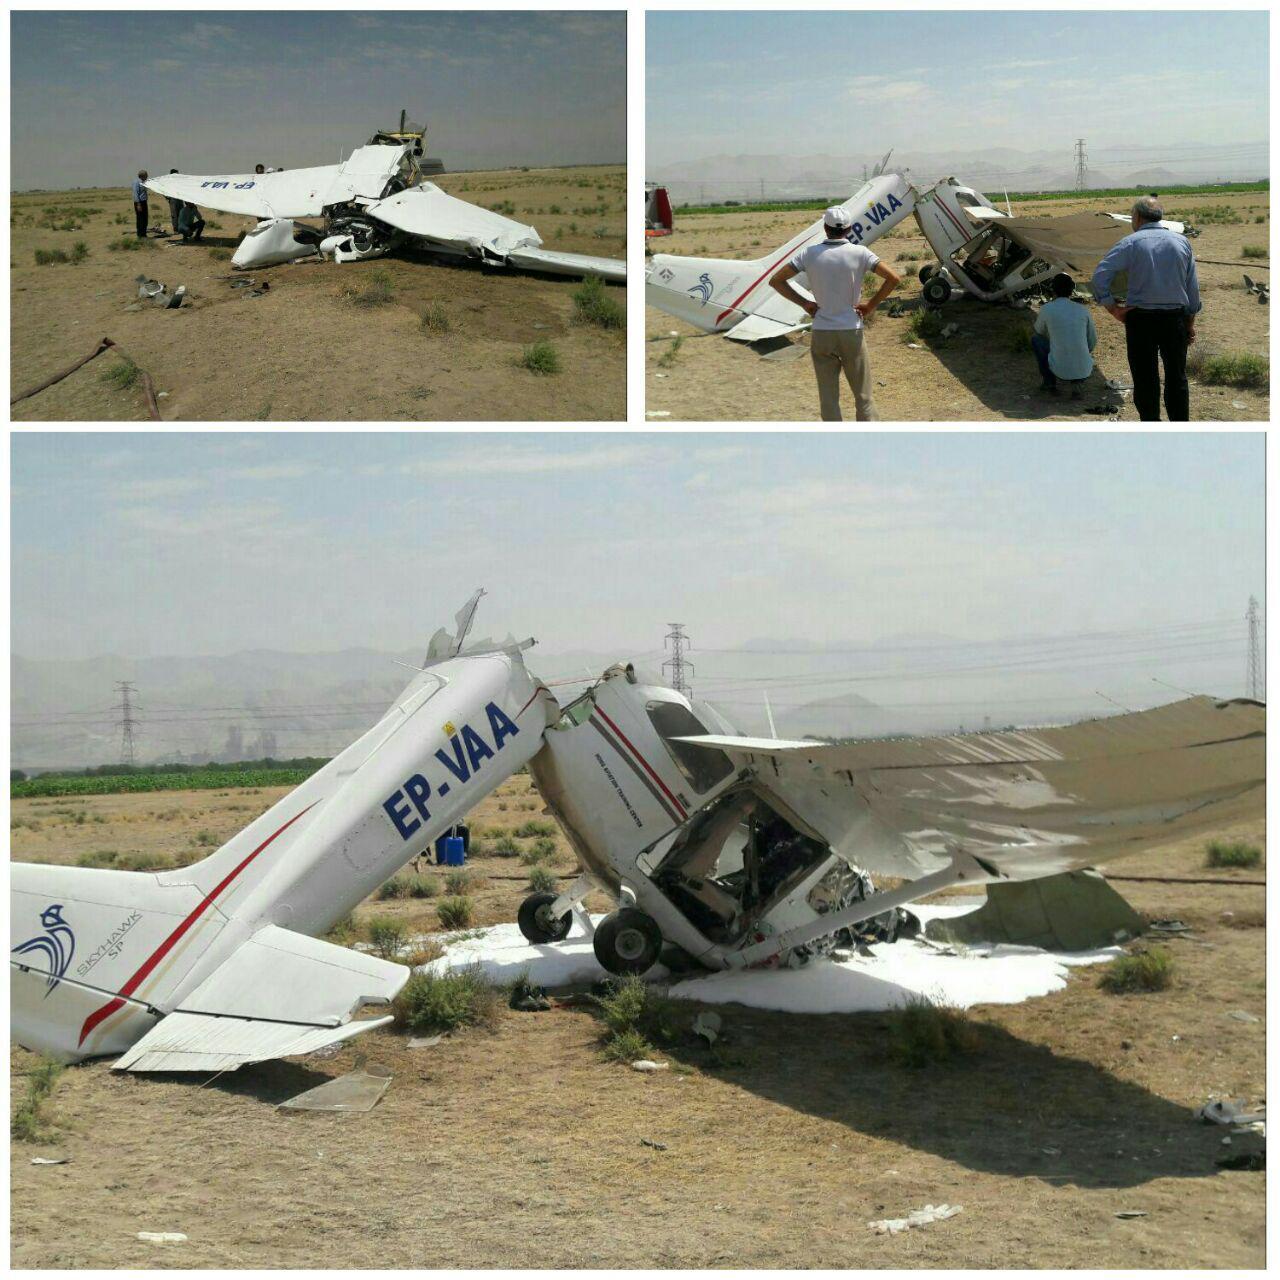 سقوط بالگرد در نزدیکی کرج / خلبان کشته شد (+عکس)